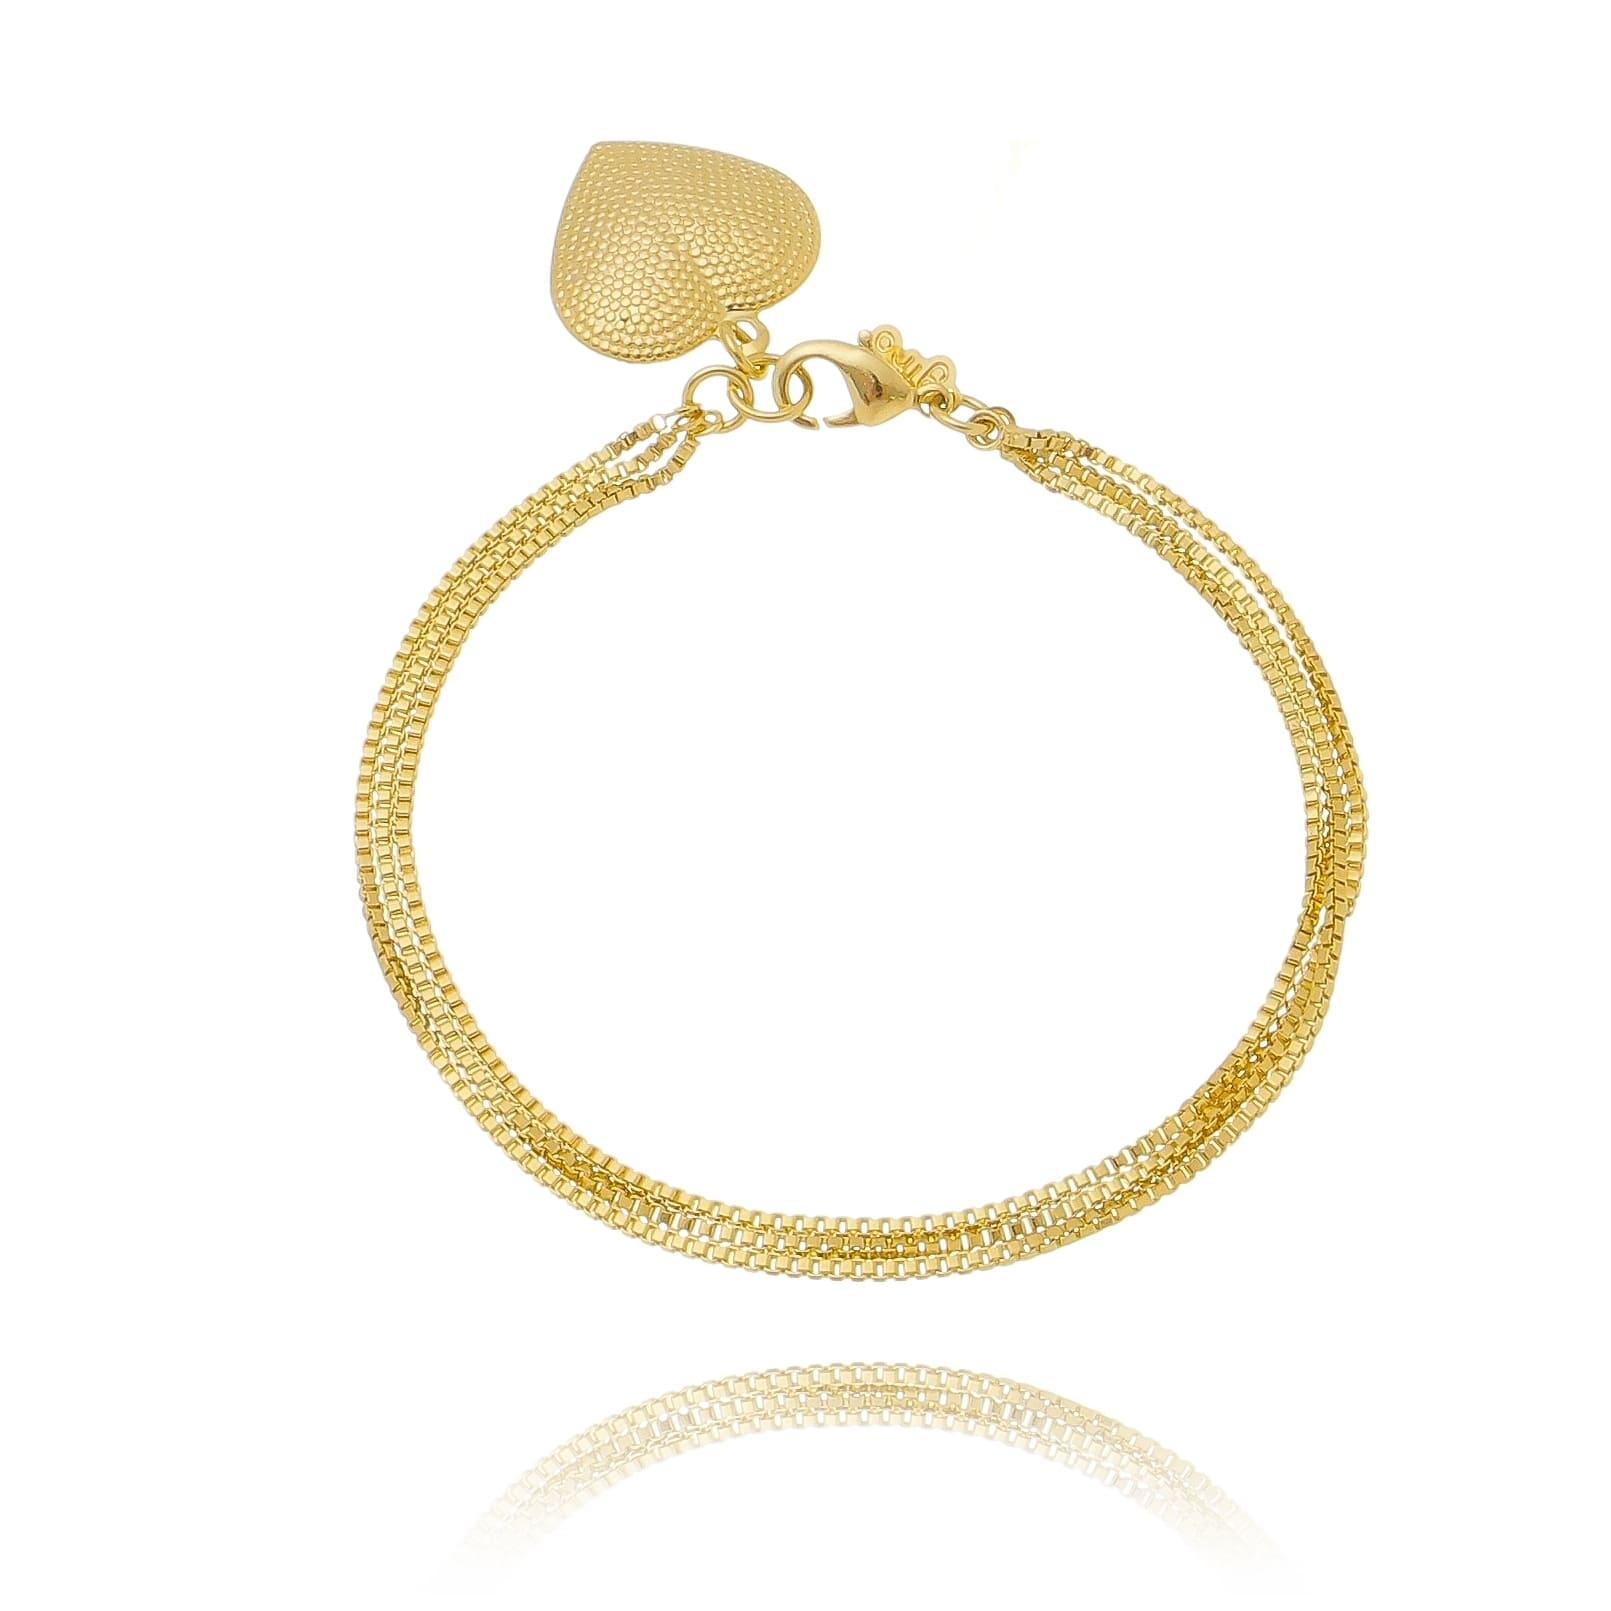 Pulseira Elos Veneziana e Pingente de Coração Texturizado Folheado em Ouro 18k - Giro Semijoias